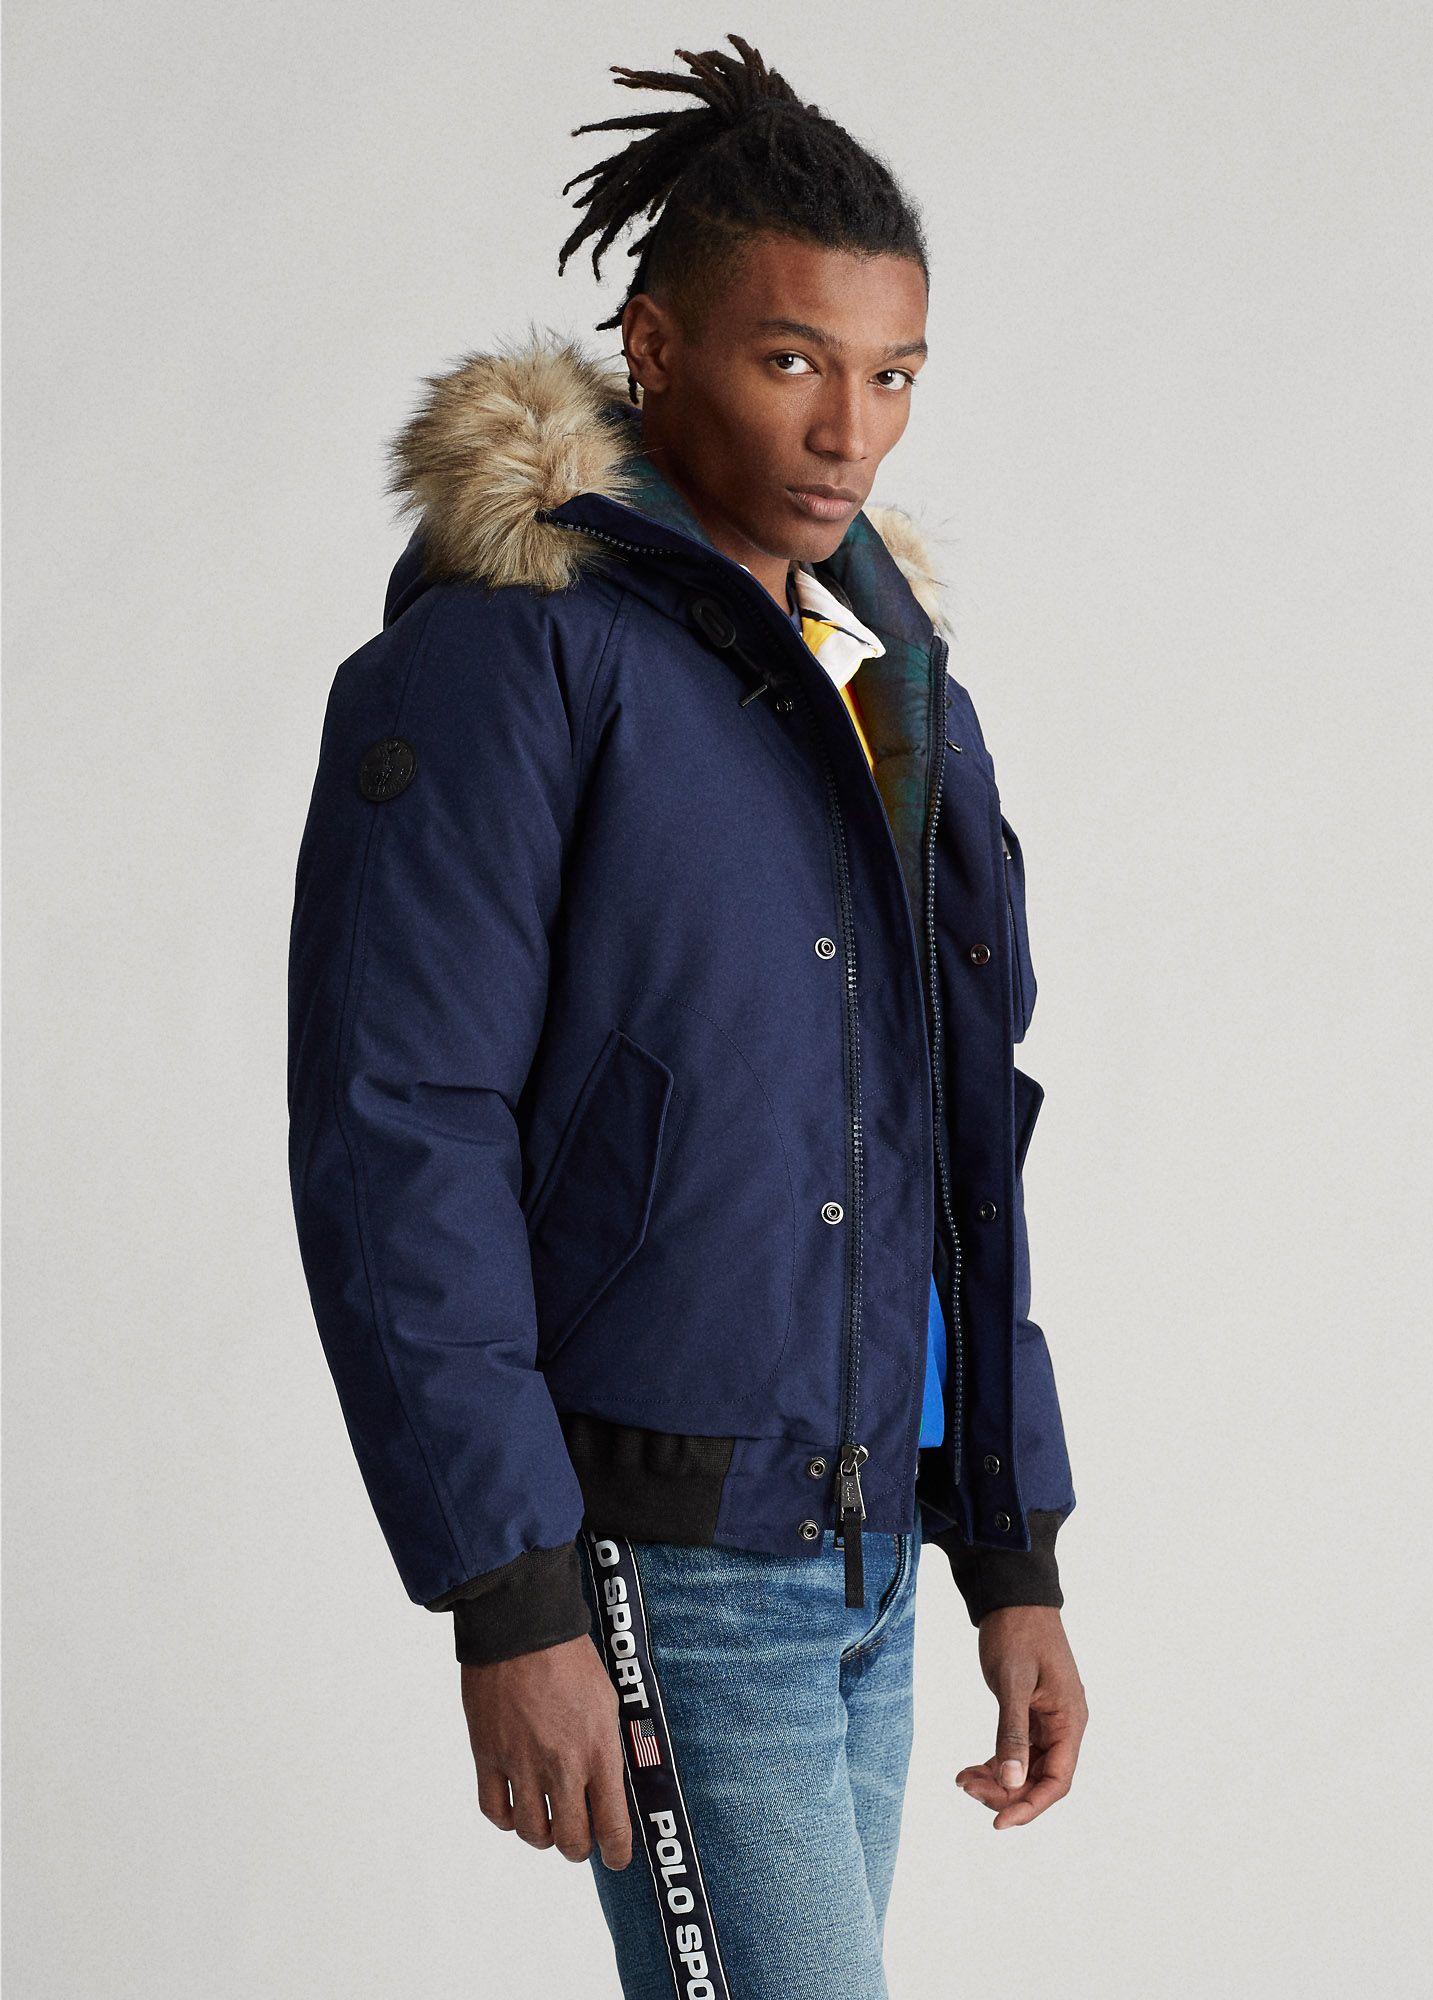 Polo Ralph Lauren Faux Fur Trim Down Jacket Down Jacket Clothes Jackets [ 2000 x 1433 Pixel ]